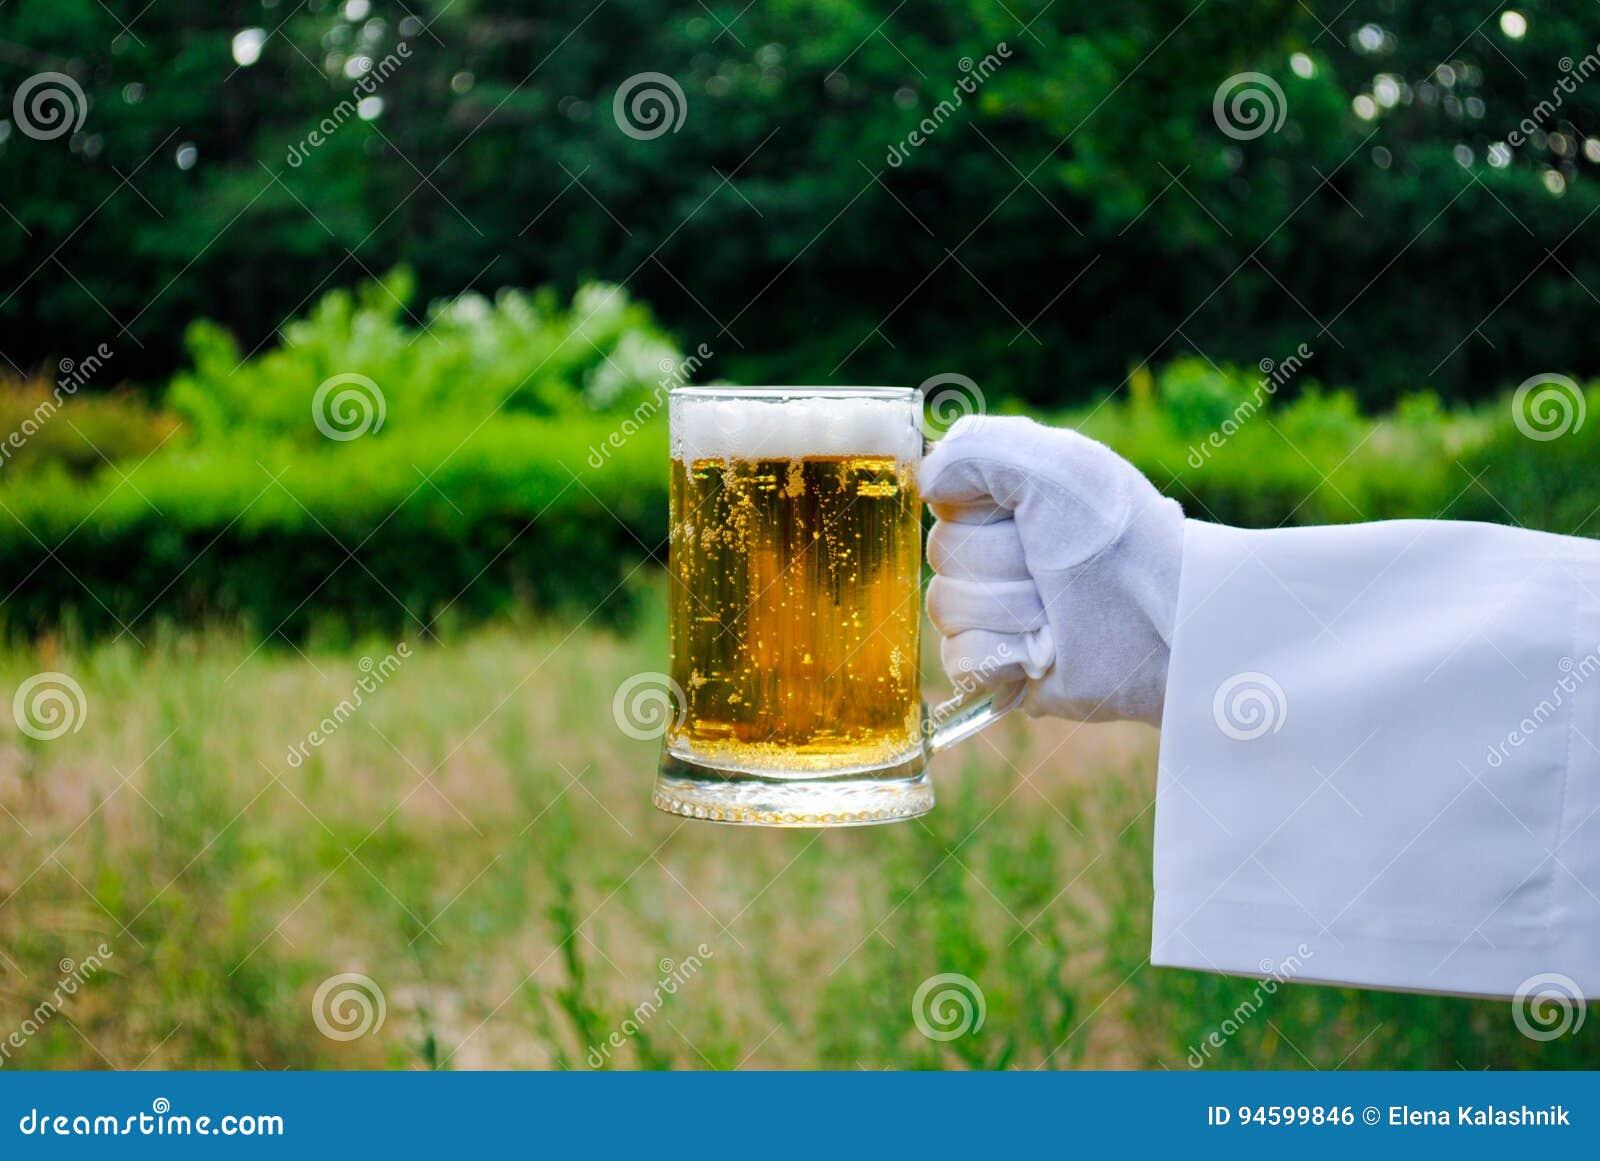 Handen för uppassare` s i en vit handske rymmer ett ölexponeringsglas mot bakgrunden av naturen